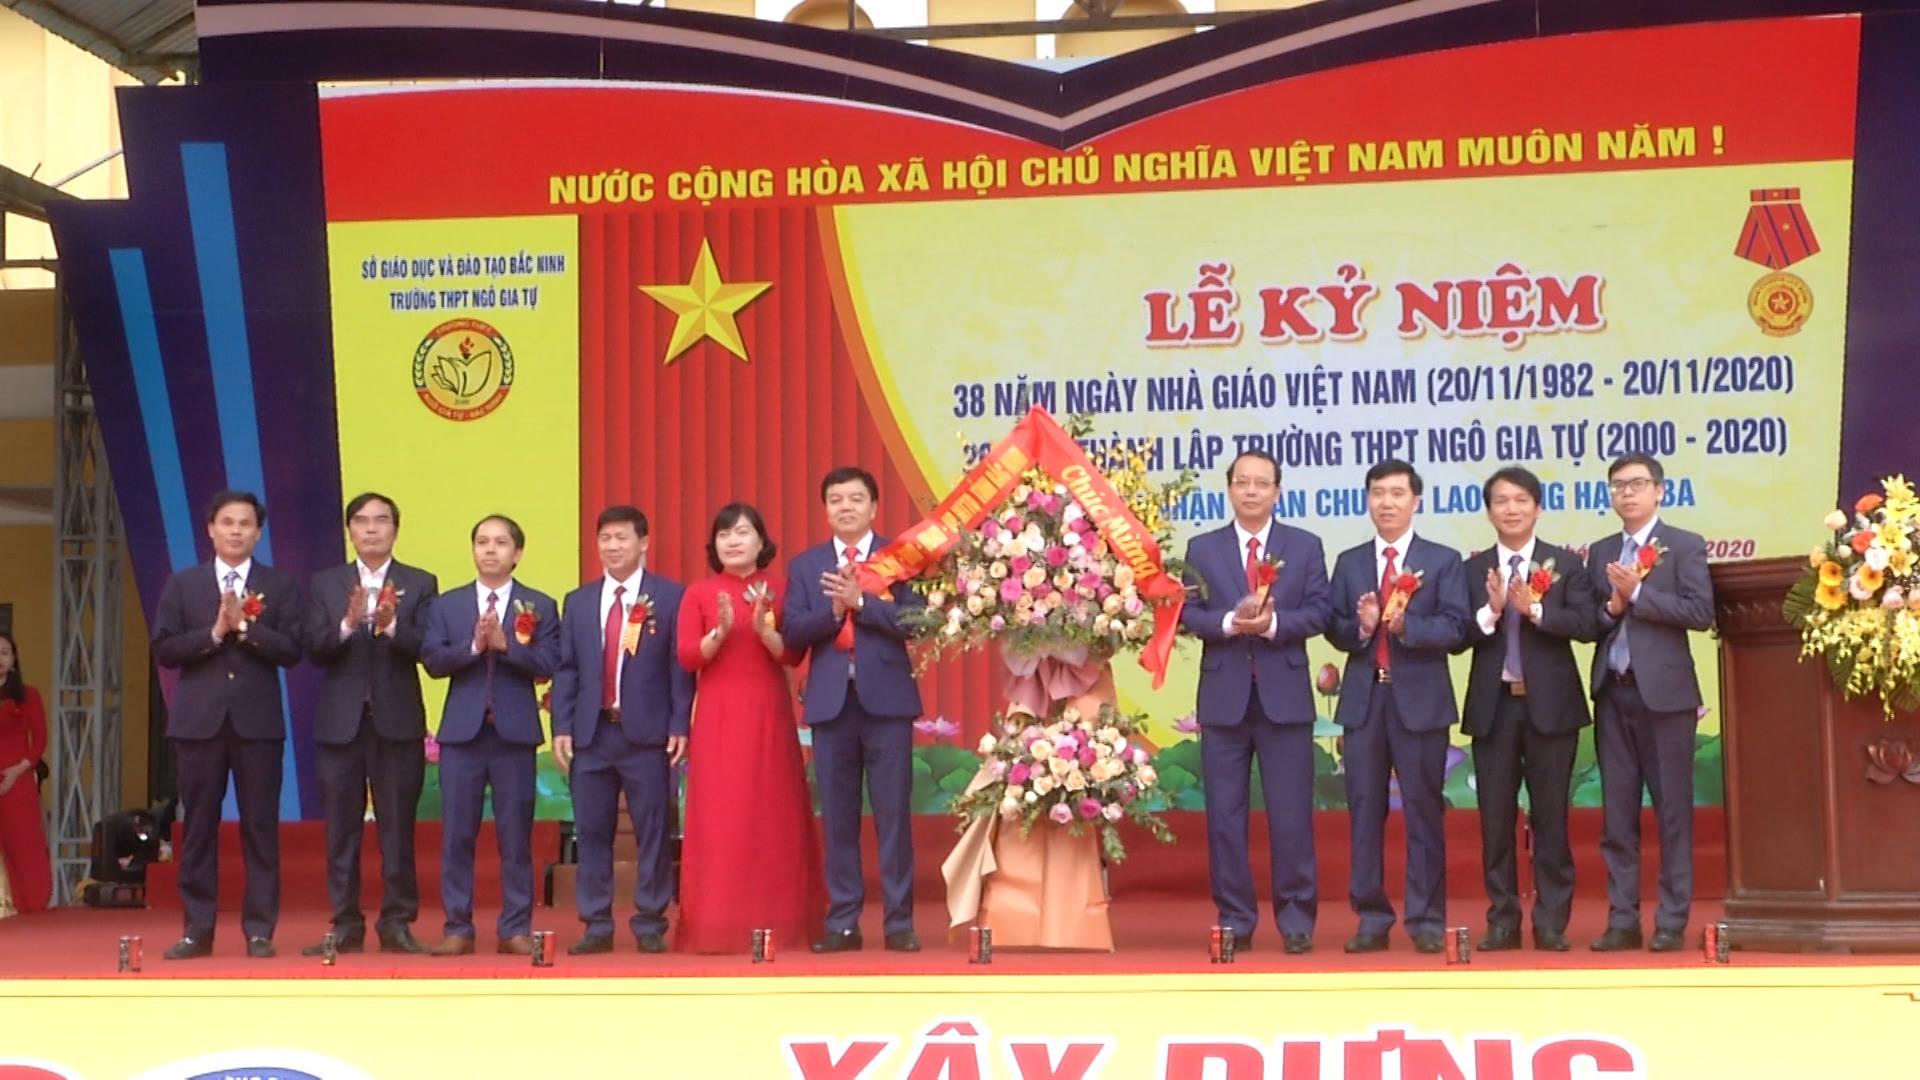 Phó Bí thư Thường trực Tỉnh uỷ, Chủ tịch HĐND tỉnh dự lễ kỷ niệm 20 năm thành lập trường THPT Ngô Gia Tự, thị xã Từ Sơn